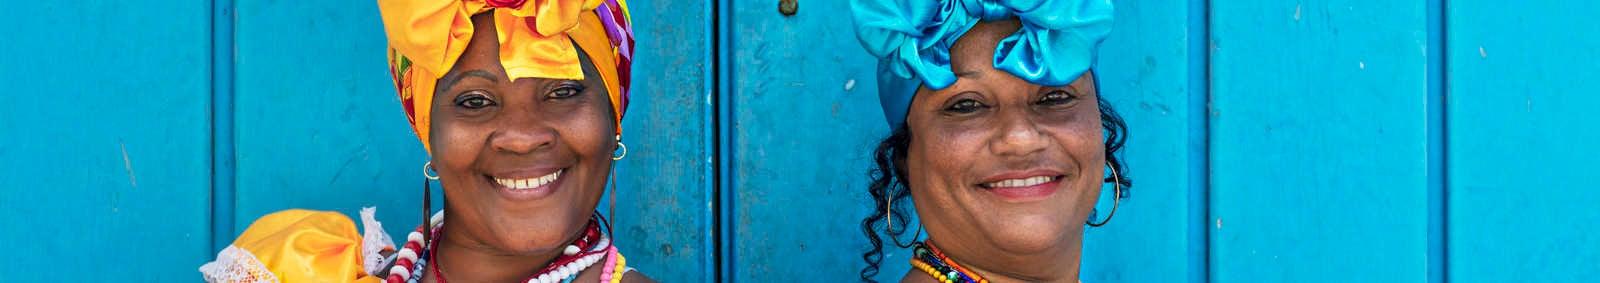 women in Cuba